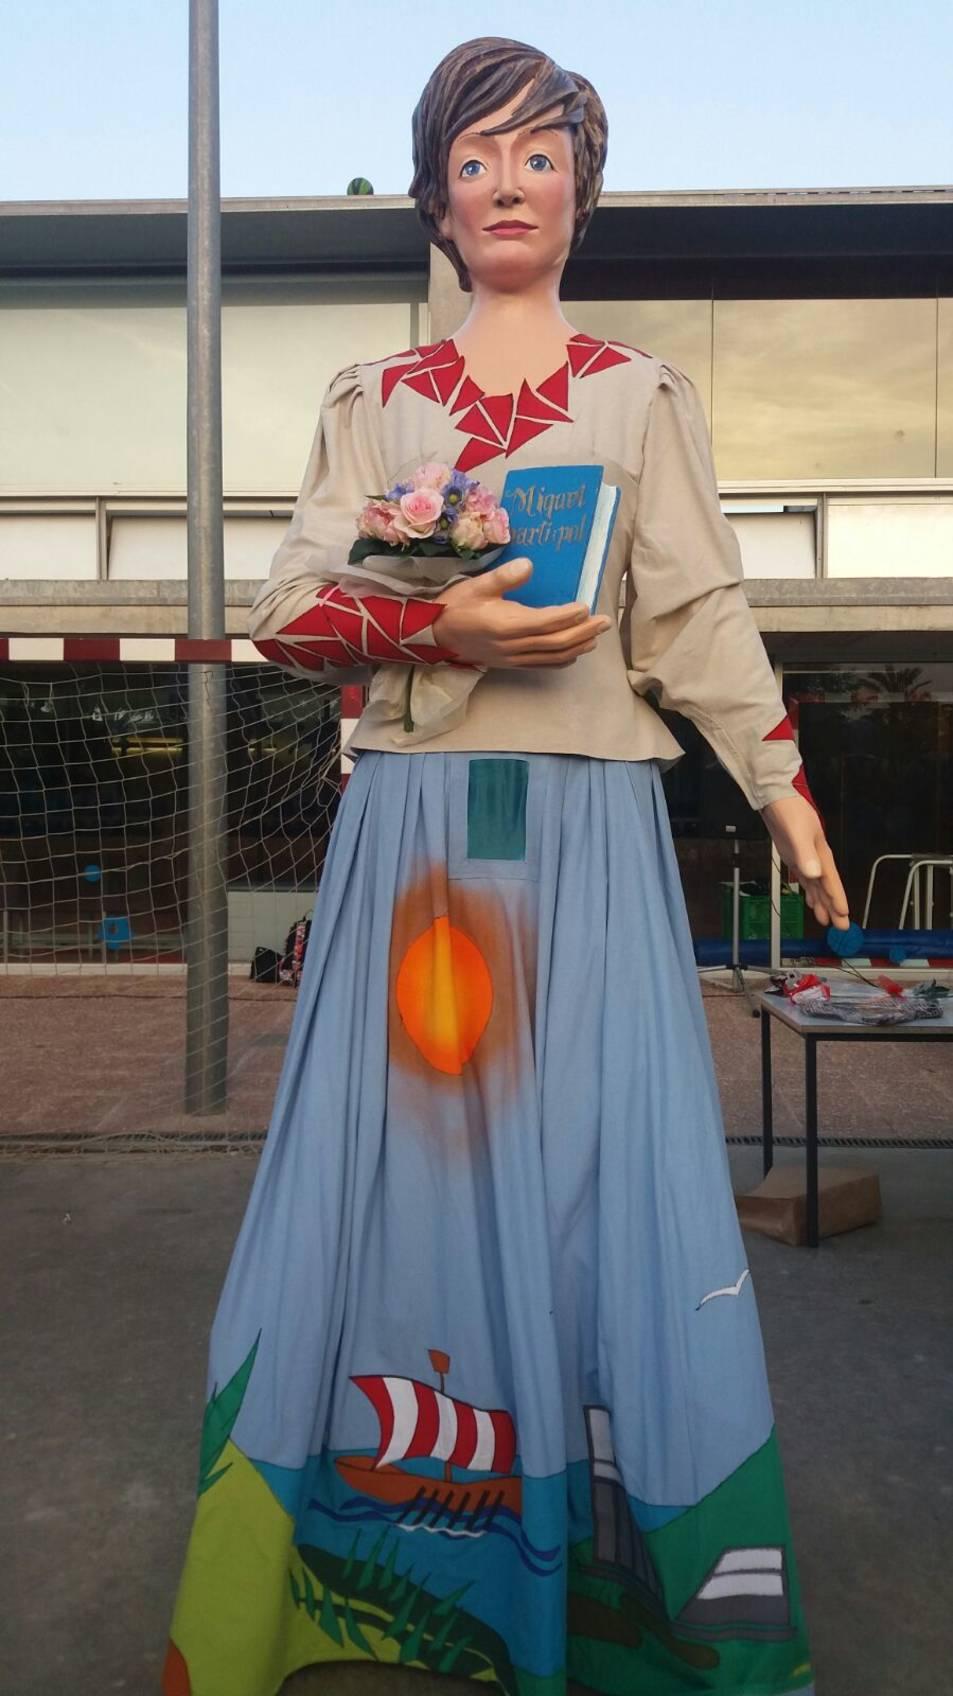 El vestit de la geganta s'ha dissenyat a partir de dibuixos dels alumnes.